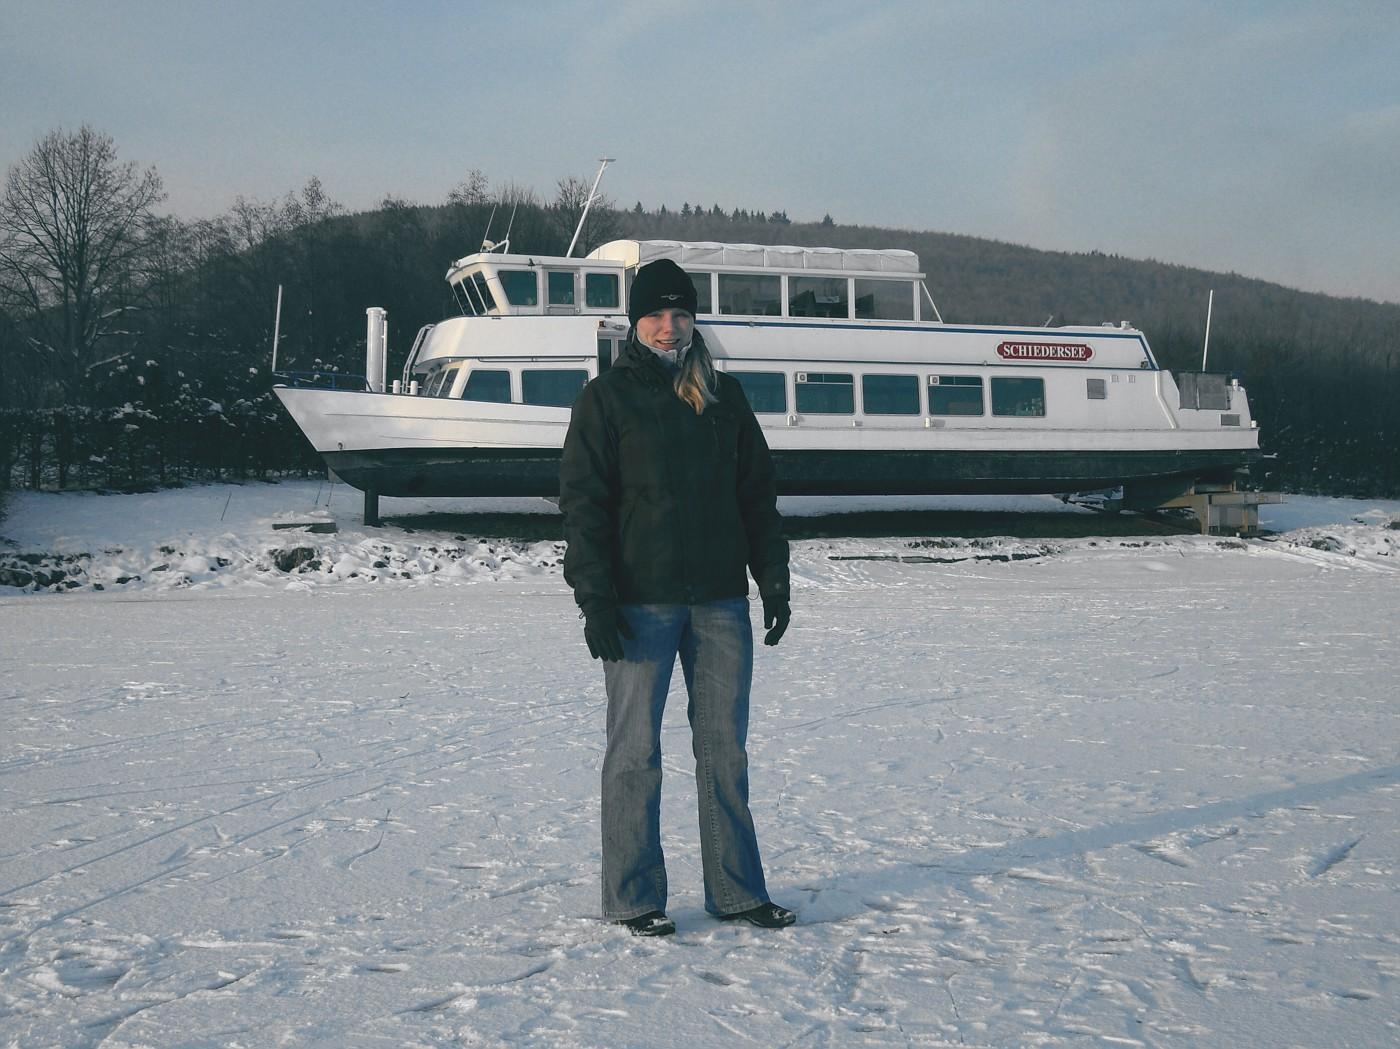 Giana auf dem zugefrorenen Schiedersee